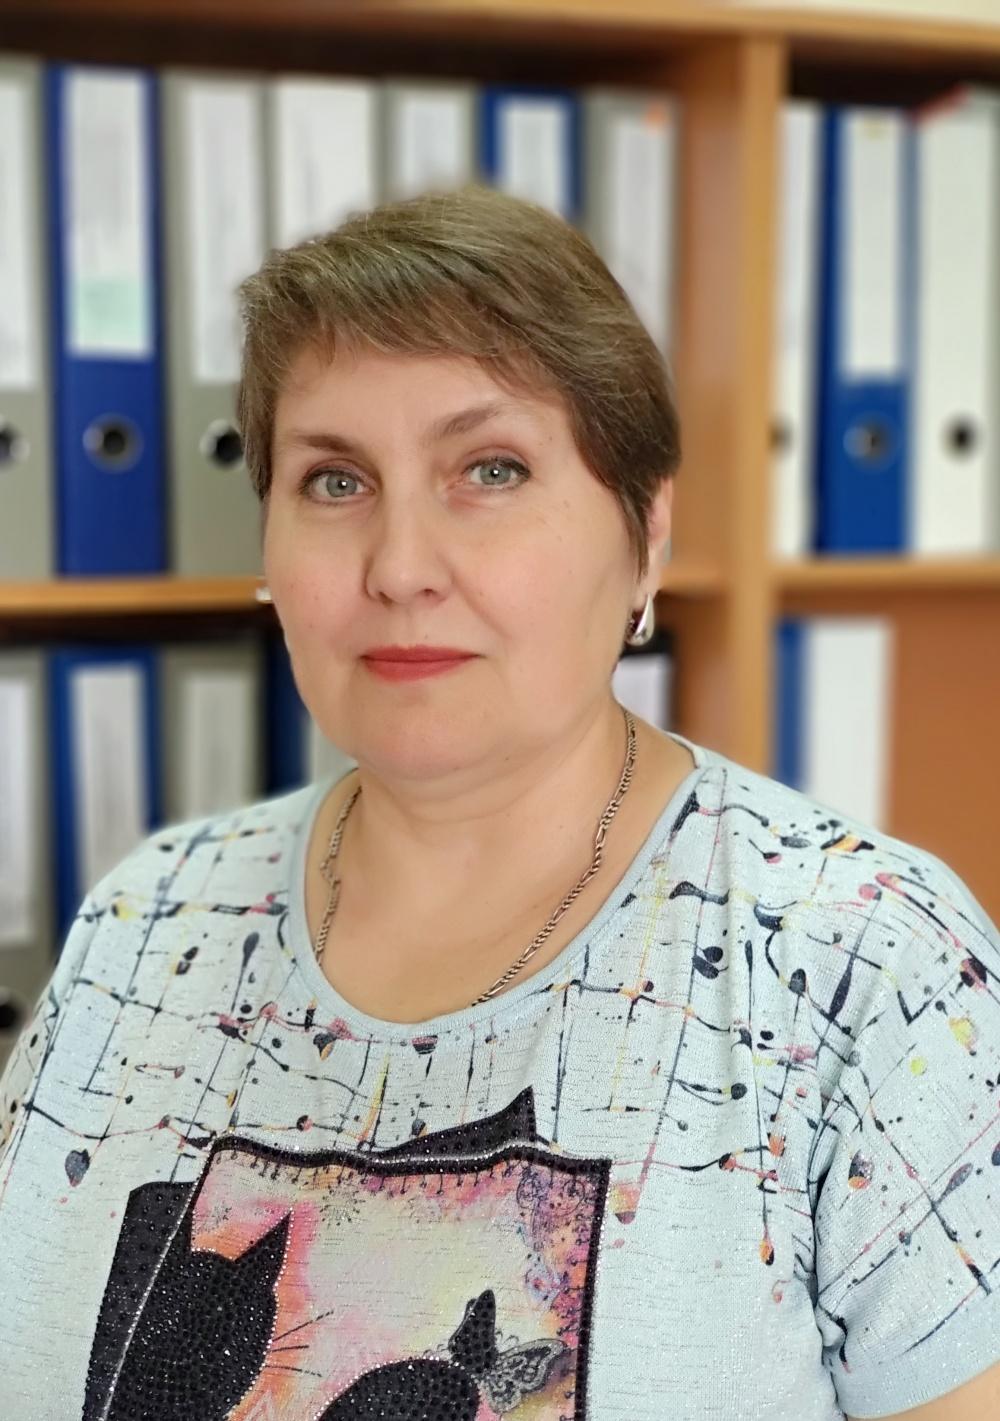 Кадастровая палата по Самарской области подвела итоги выдачи сведений из госреестра недвижимости за полгода